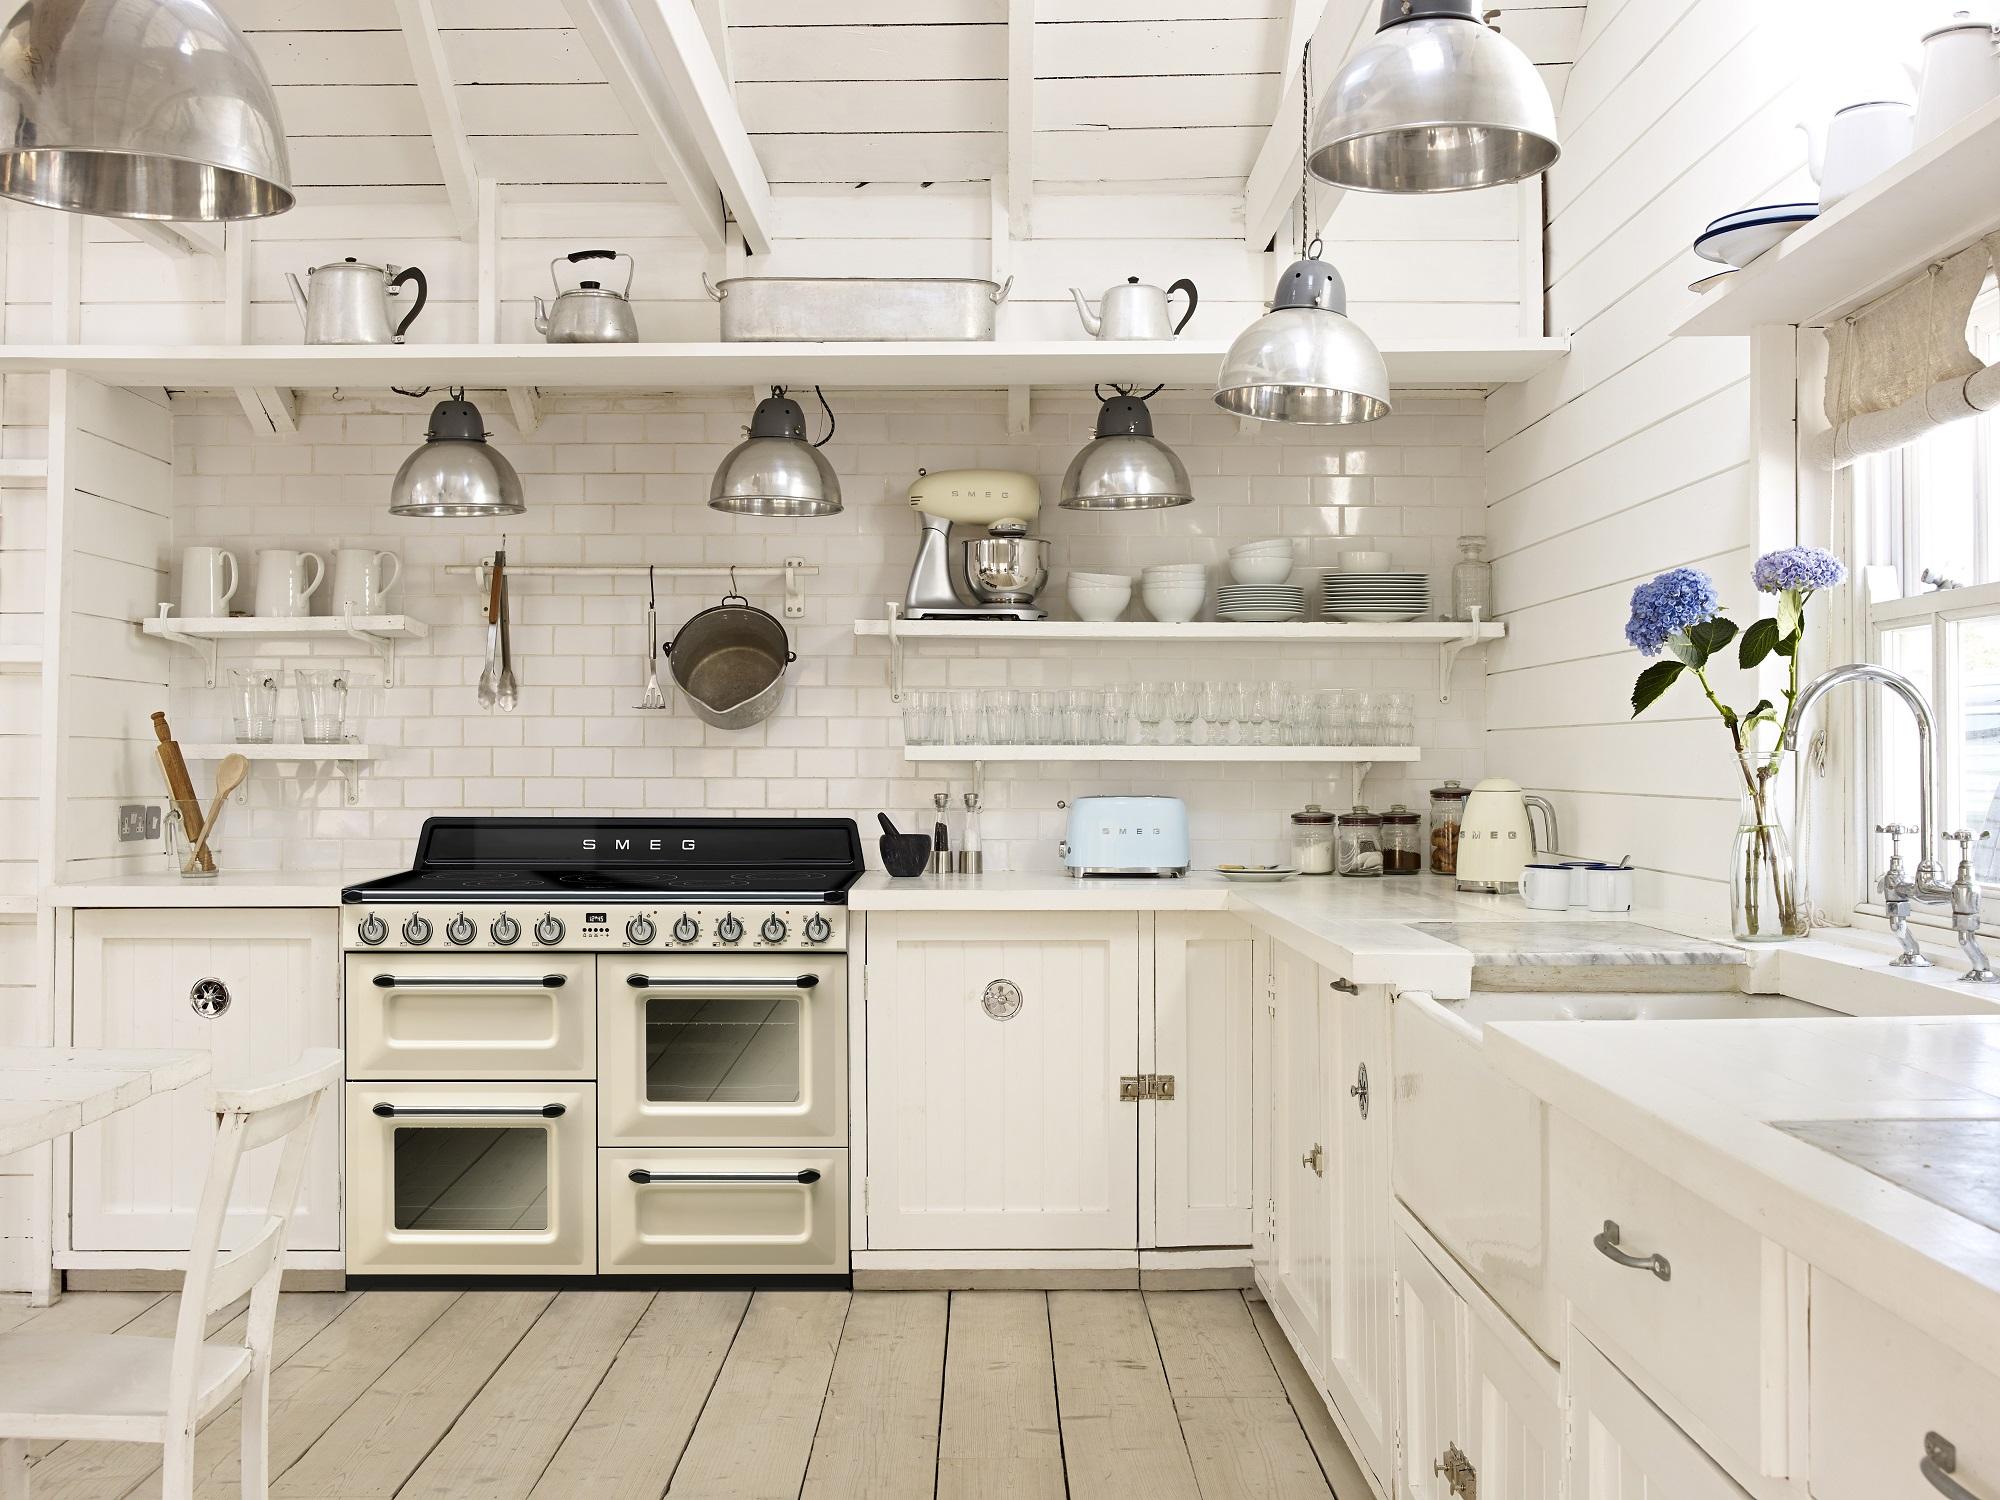 Smeg keukenapparatuur in jaren 50 stijl nieuws startpagina voor keuken idee n uw - Moderne apparaten ...